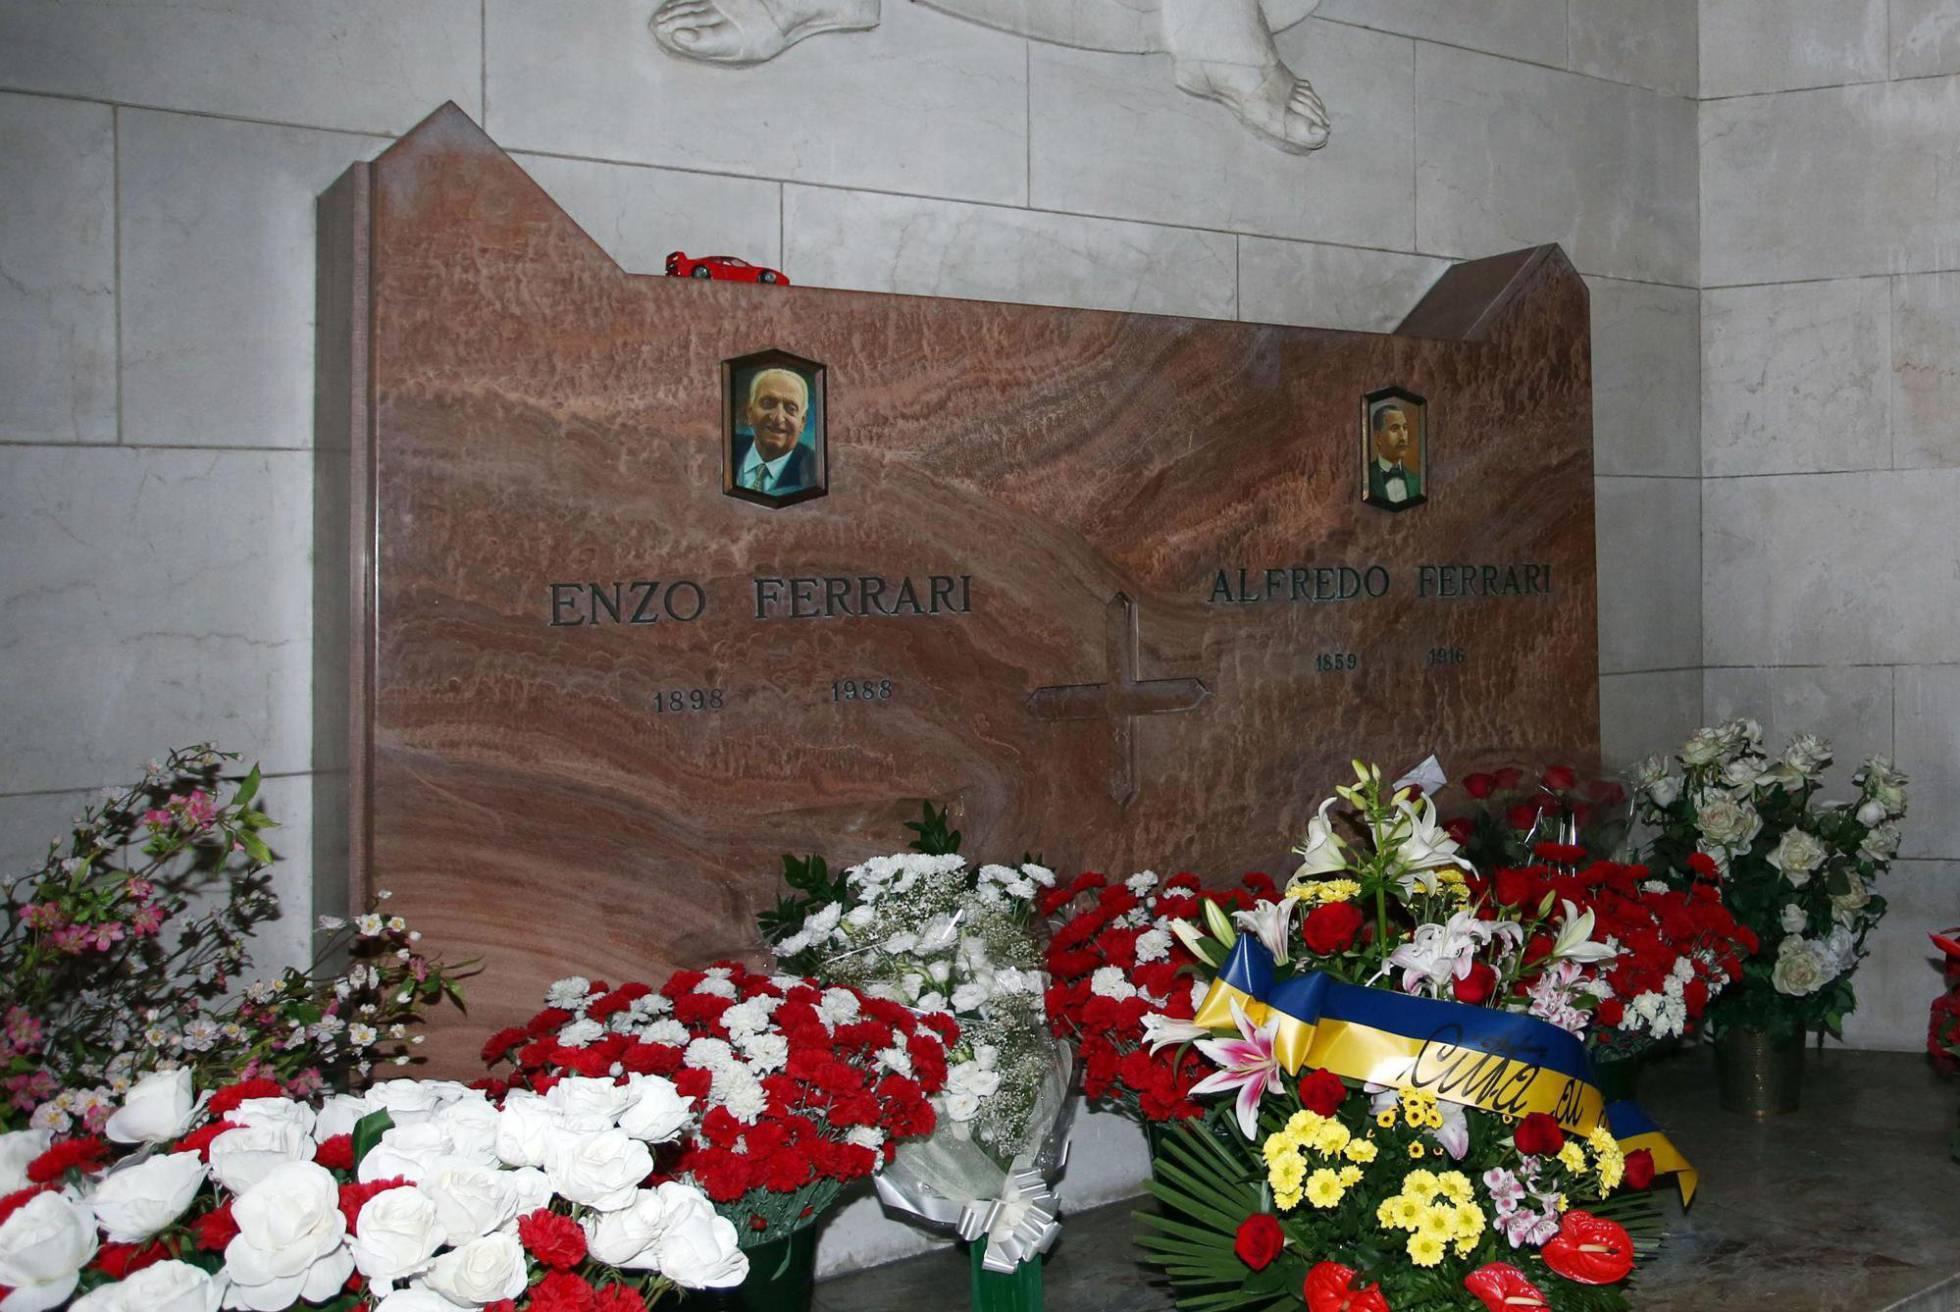 Tumba Enzo Ferrari